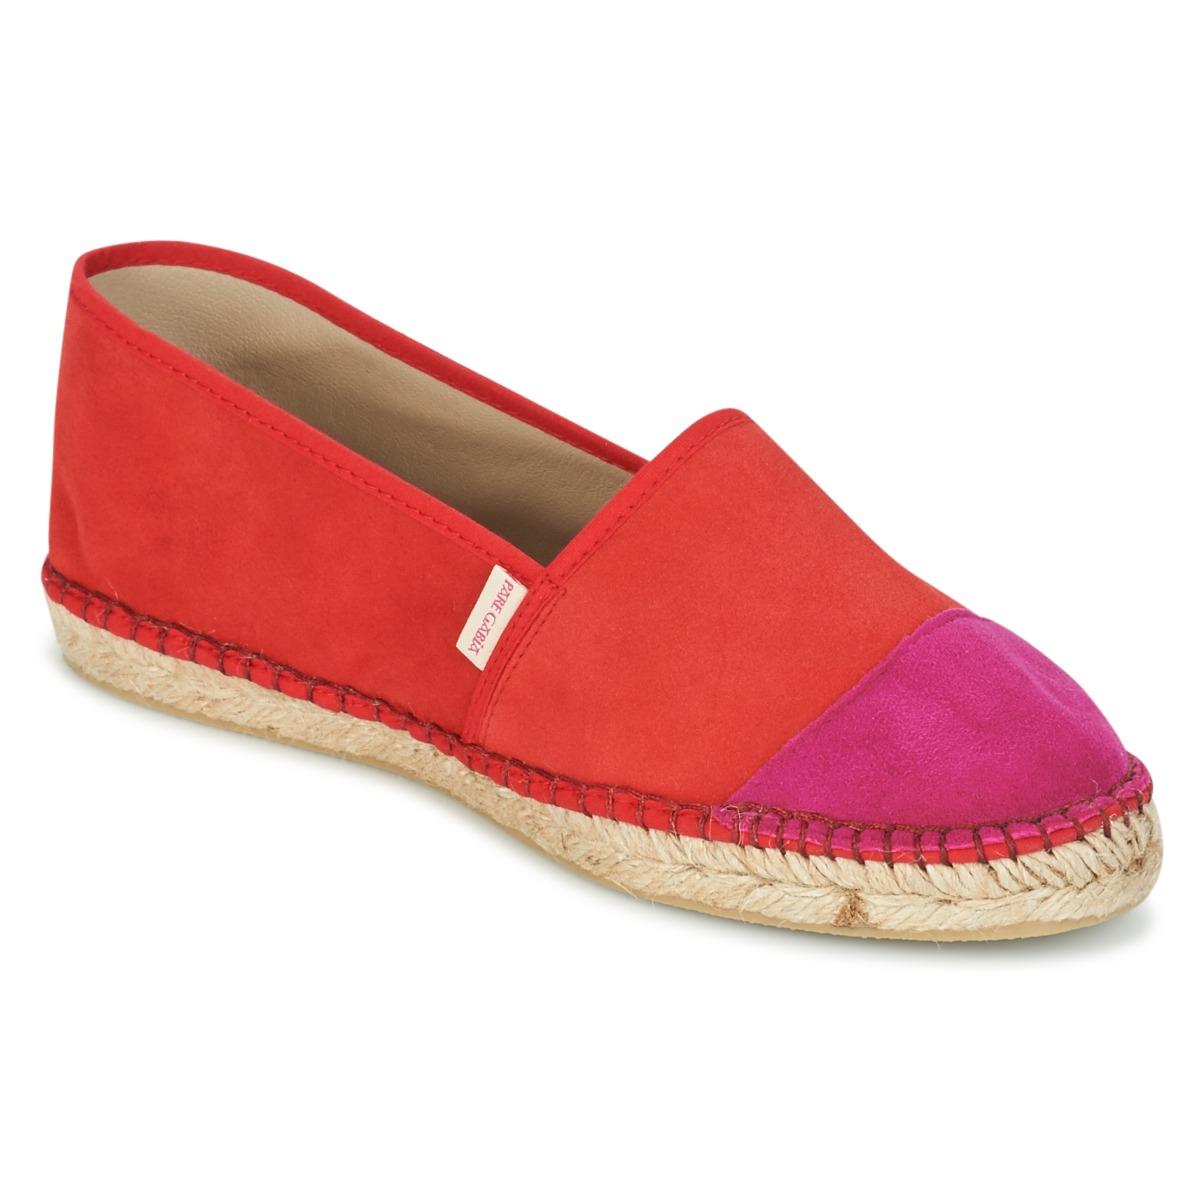 Pare Gabia VP PREMIUM Rot / Rose - Kostenloser Versand bei Spartoode ! - Schuhe Leinen-Pantoletten mit gefloch Damen 55,19 €